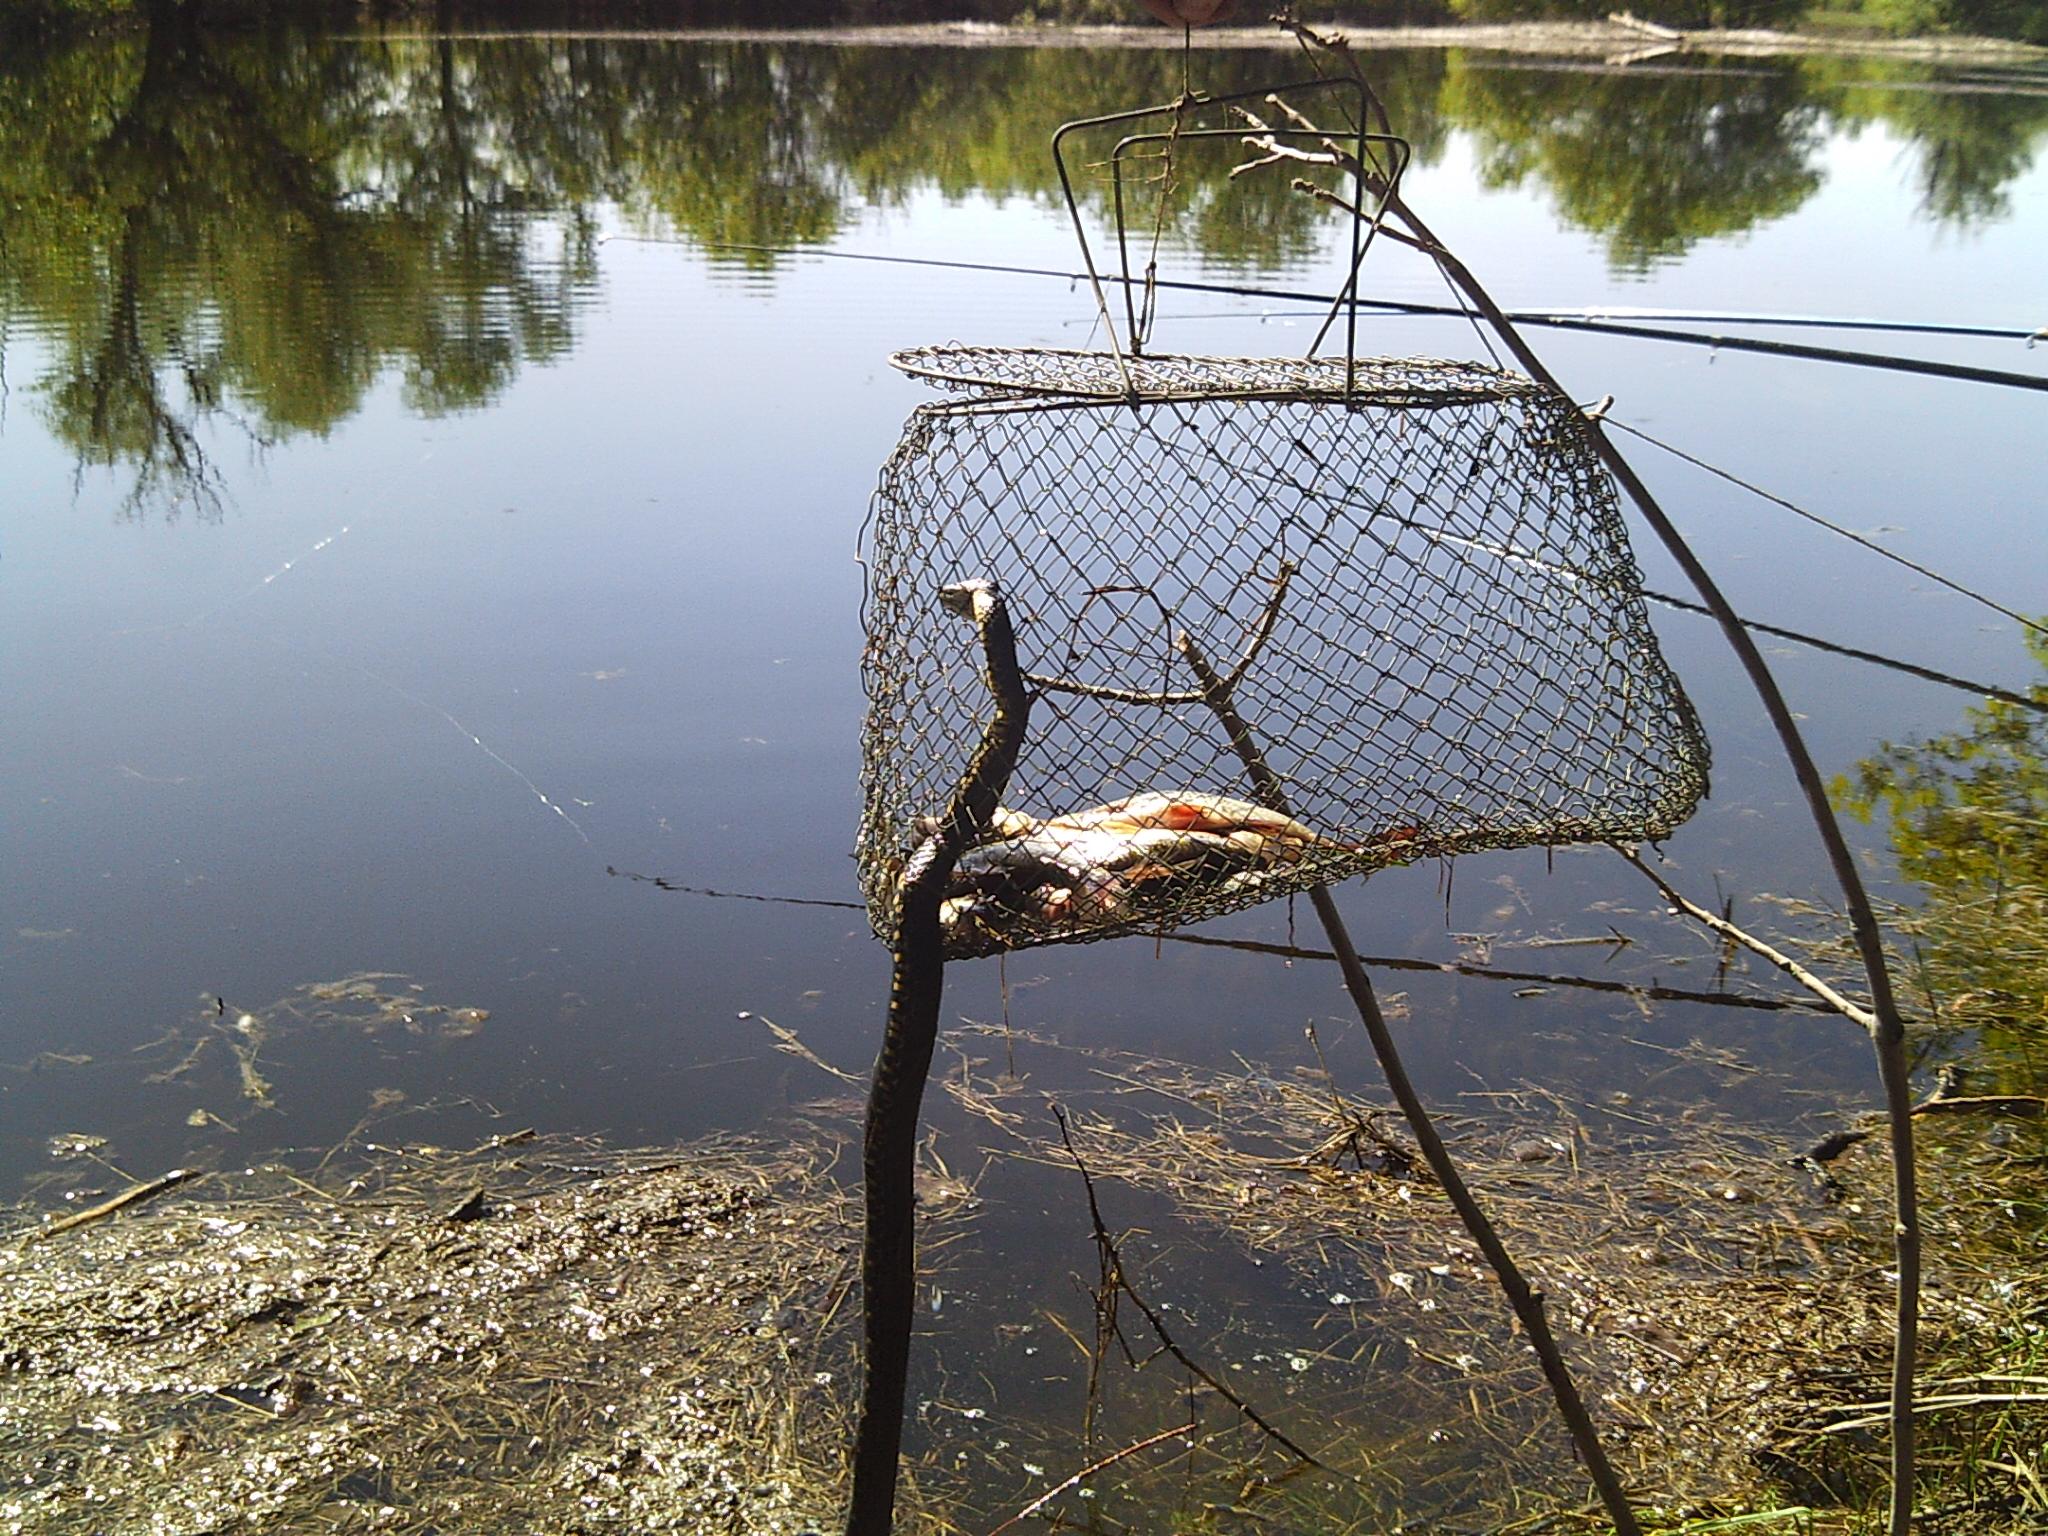 садок для рыбы при ловле с лодки